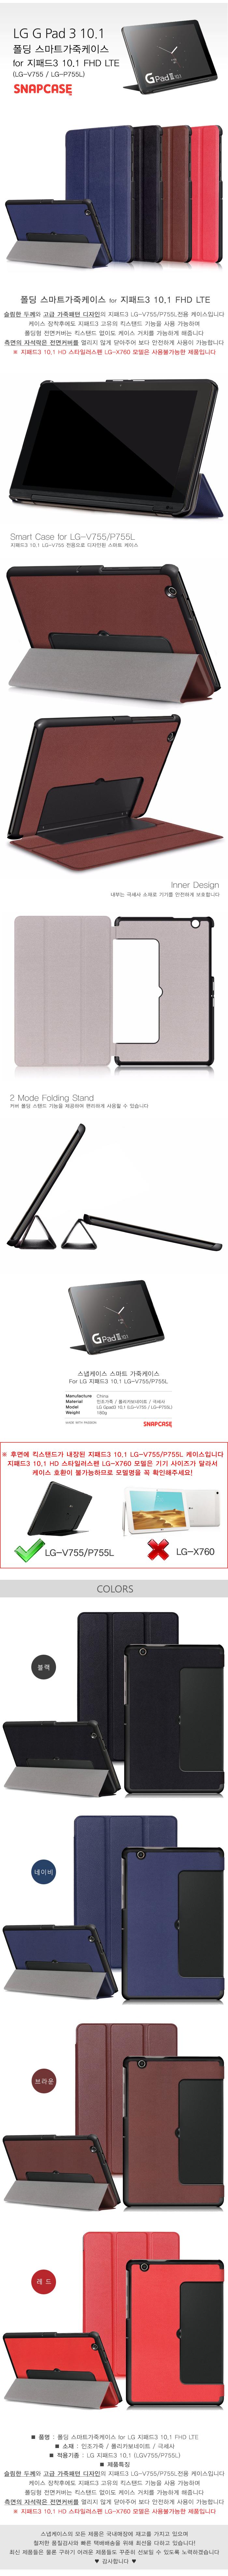 지패드3 10.1 FHD LTE 폴딩스마트케이스 LGV755 P755L - 스냅케이스, 13,900원, 케이스, 기타 옵티머스 제품